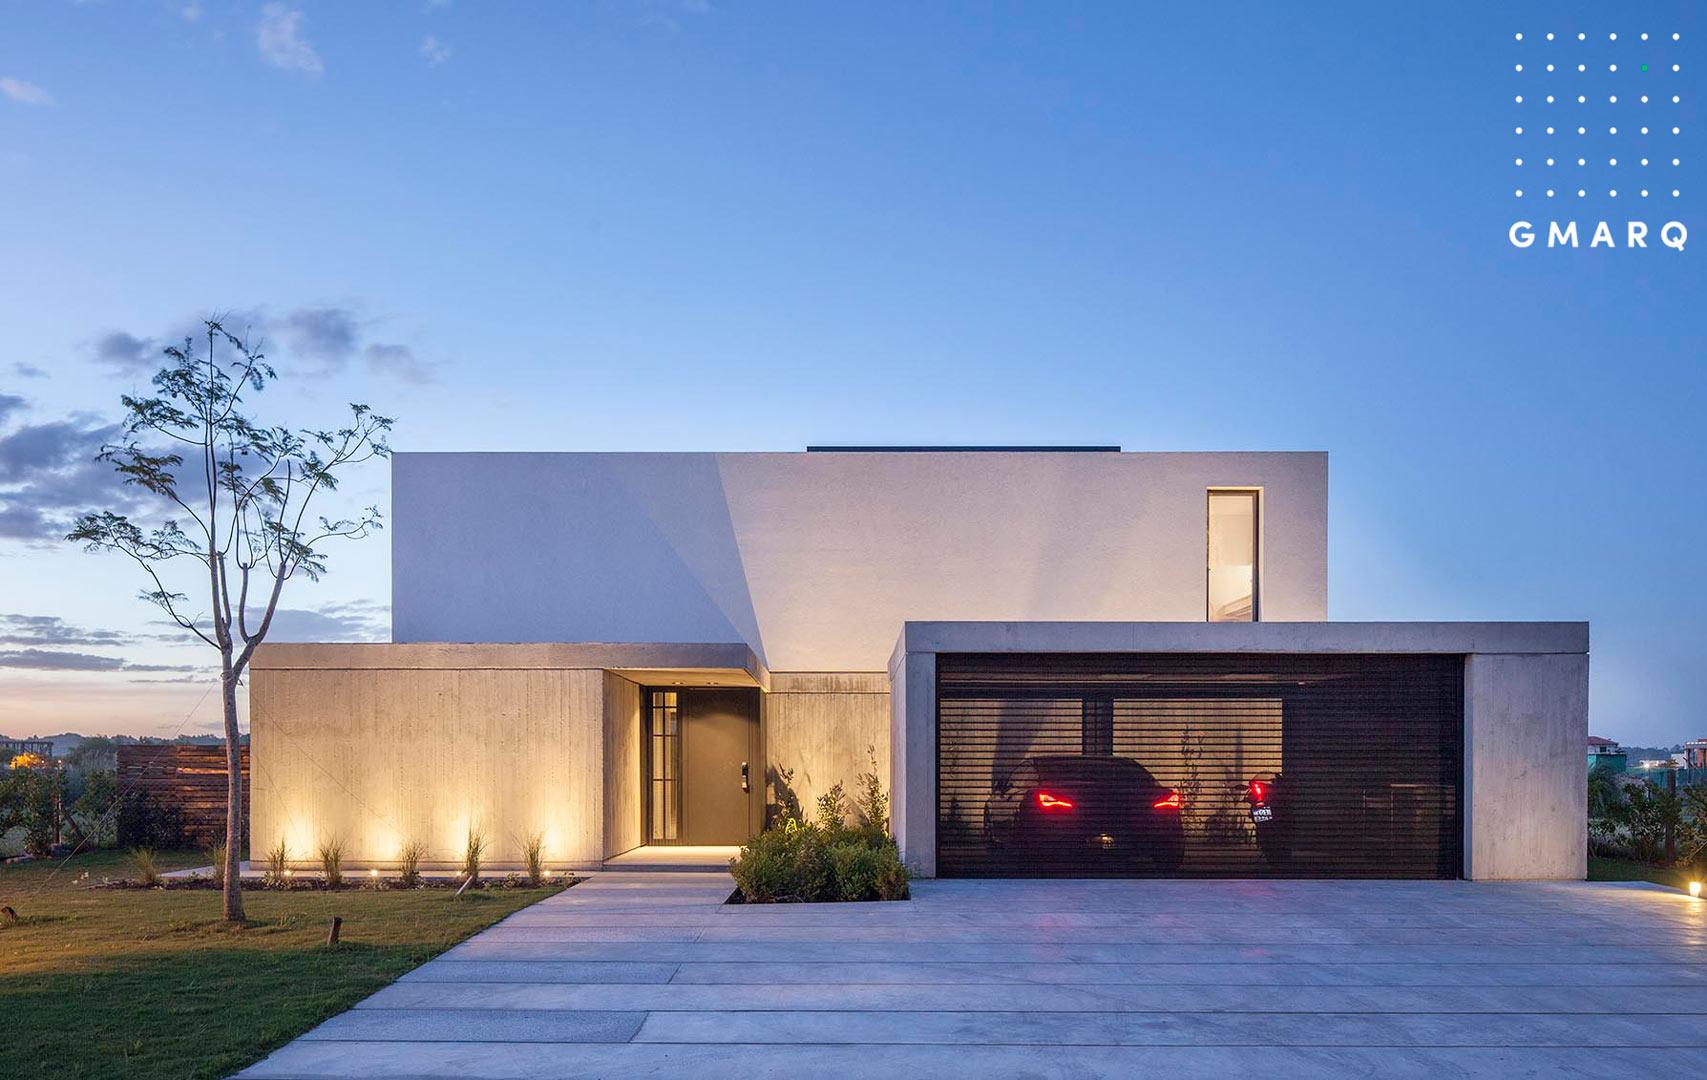 Estudio gmarq casa n estilo racionalista portal de - Estudio 3 arquitectos ...